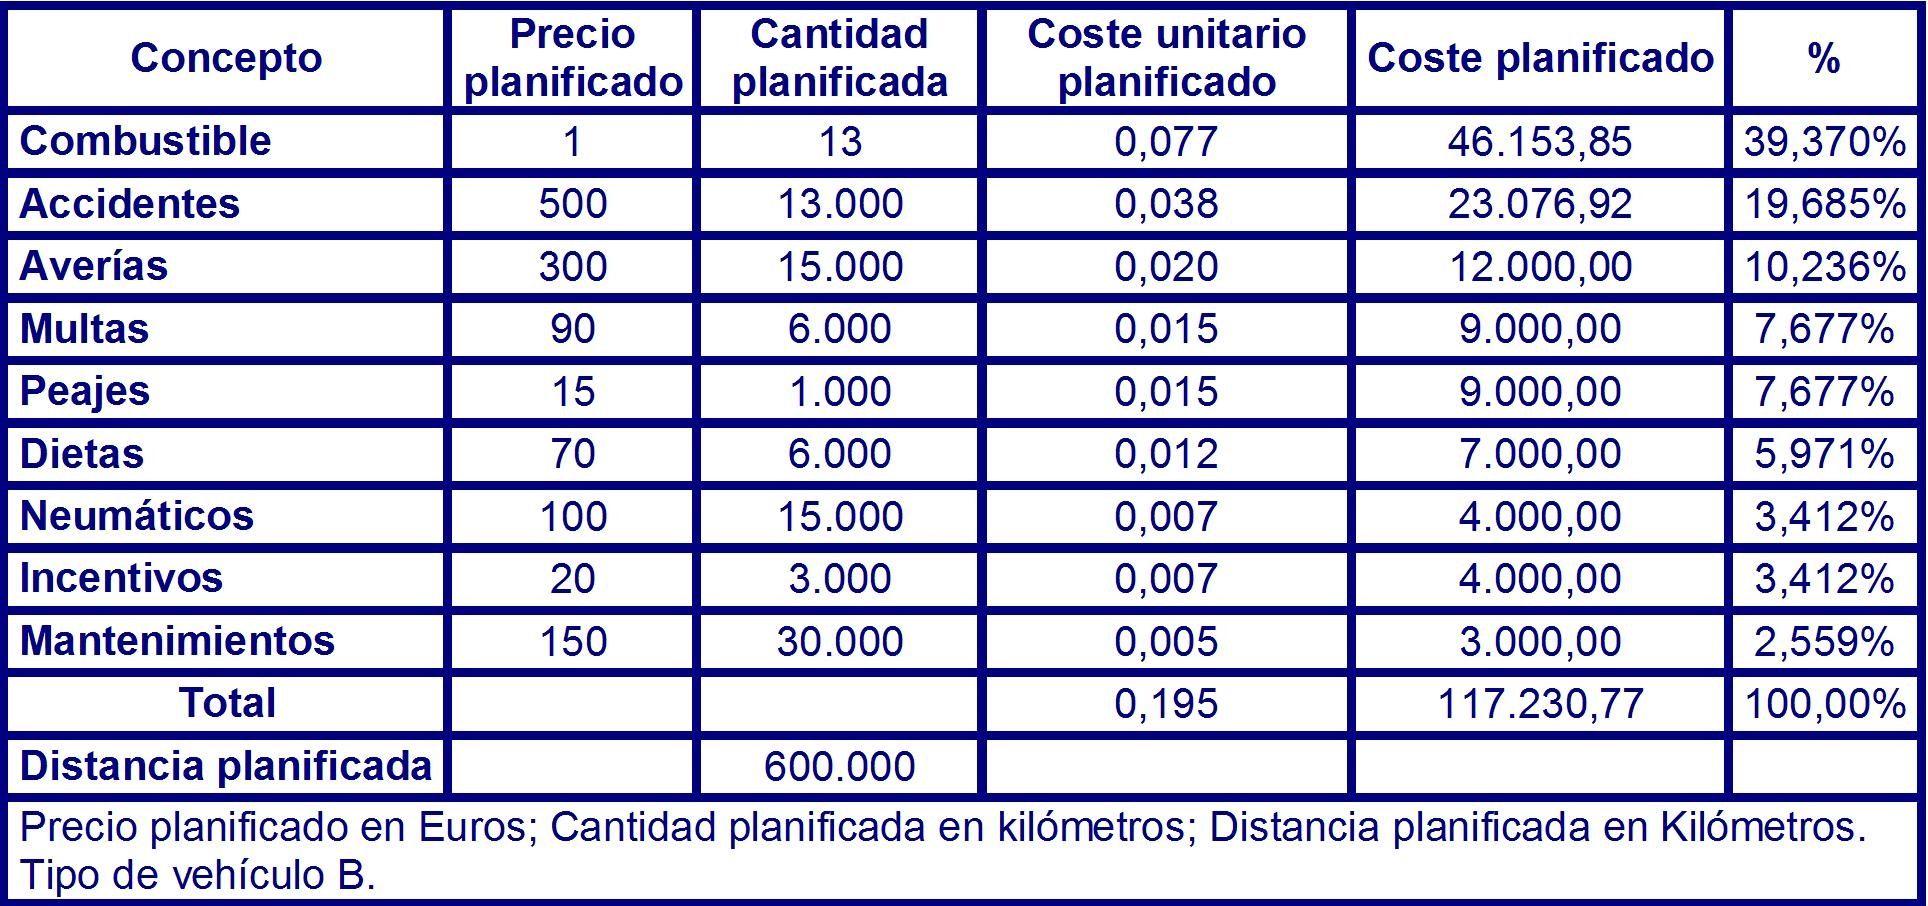 Tabla 58 costes planificados para el vehículo del tipo B en el instante T1.